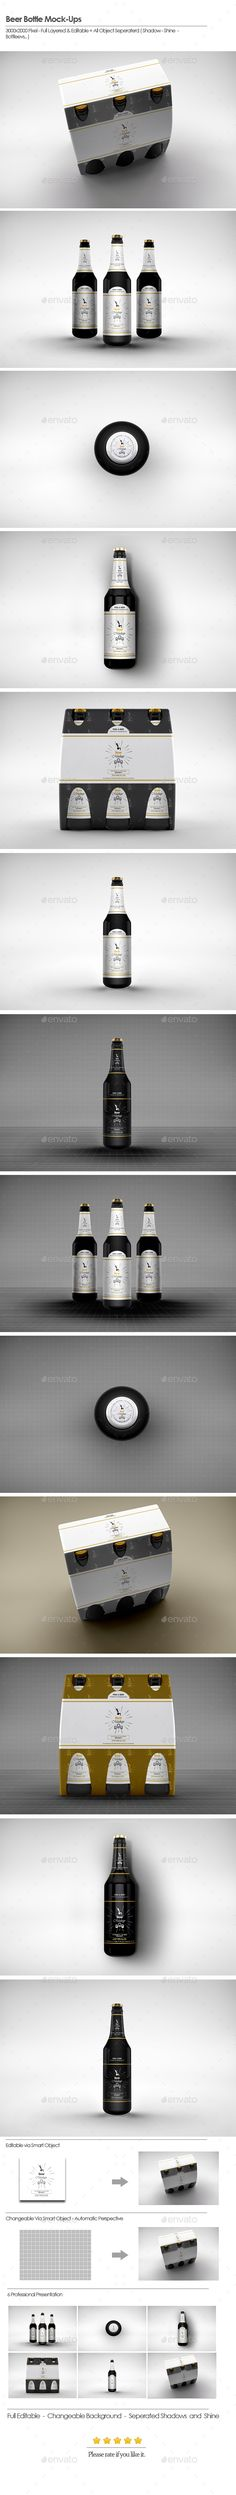 Beer Bottle Mock-Ups. Download here: http://graphicriver.net/item/beer-bottle-mockups-2/15678942?ref=ksioks